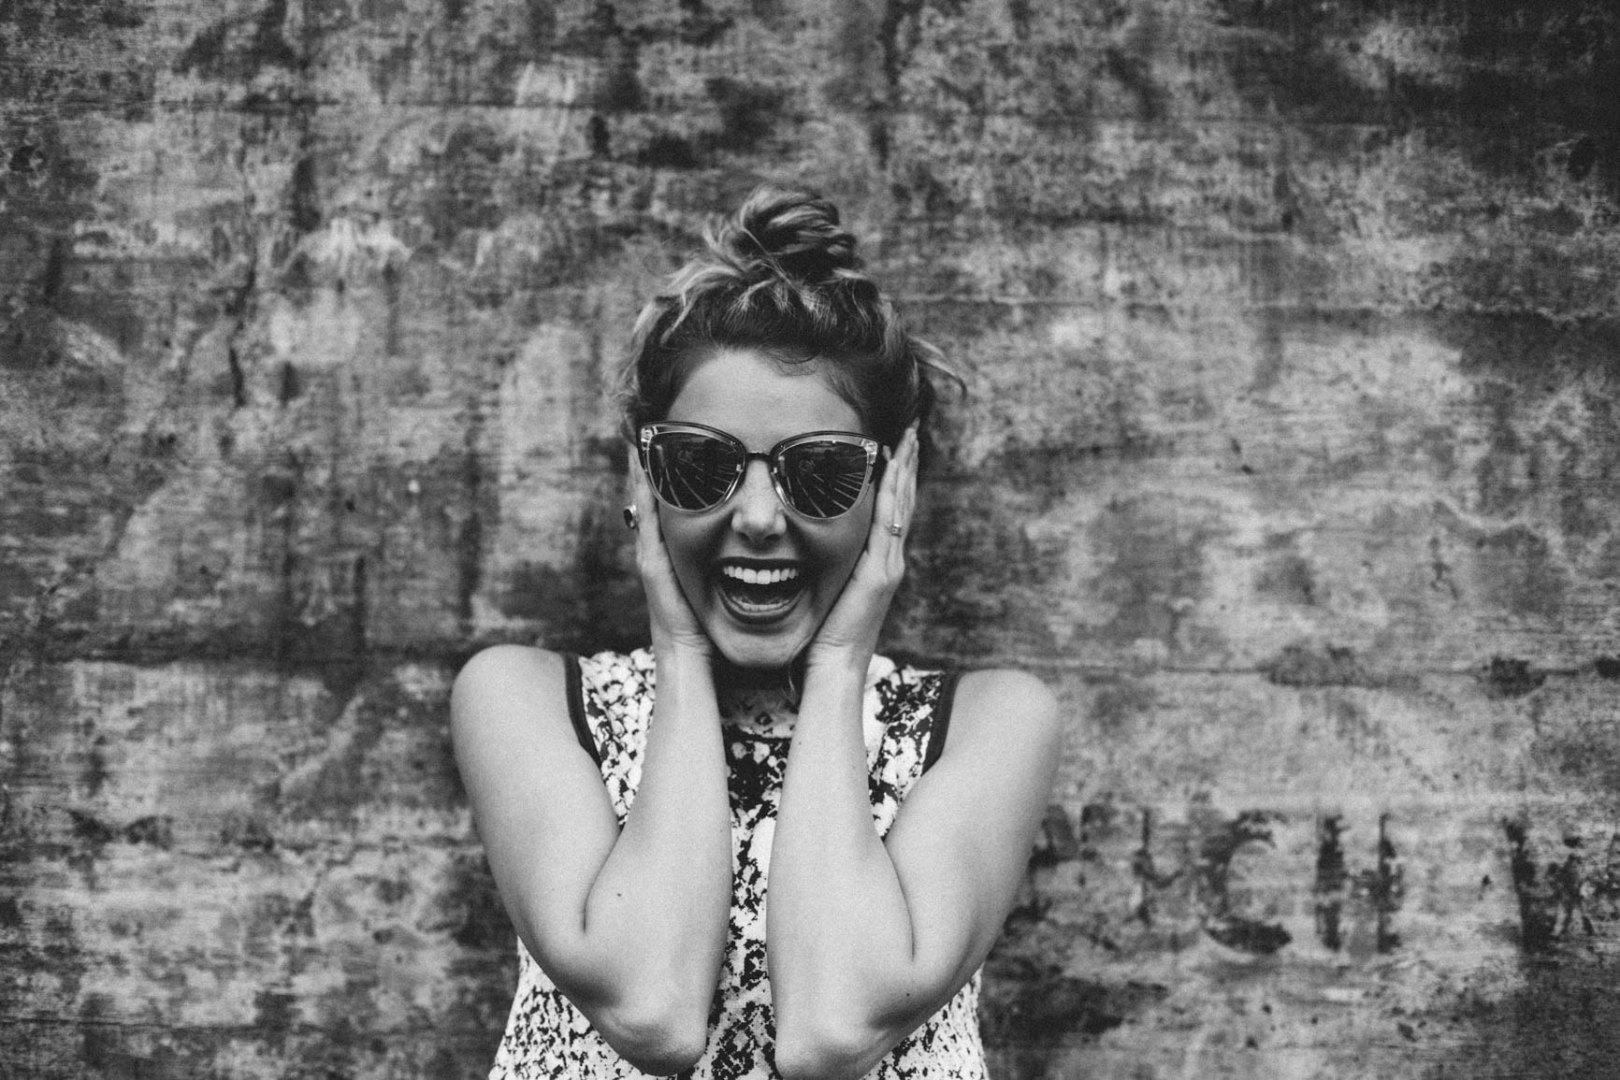 Mein Name ist Caroline Fischer.Ich bin Inhaberin der nürnberger Firma Talent& Soul.Ich arbeite als Coach für Stil- und Persönlichkeitsentwicklung.zusätzlich betreibe ich den Blog fashionfuntalk.